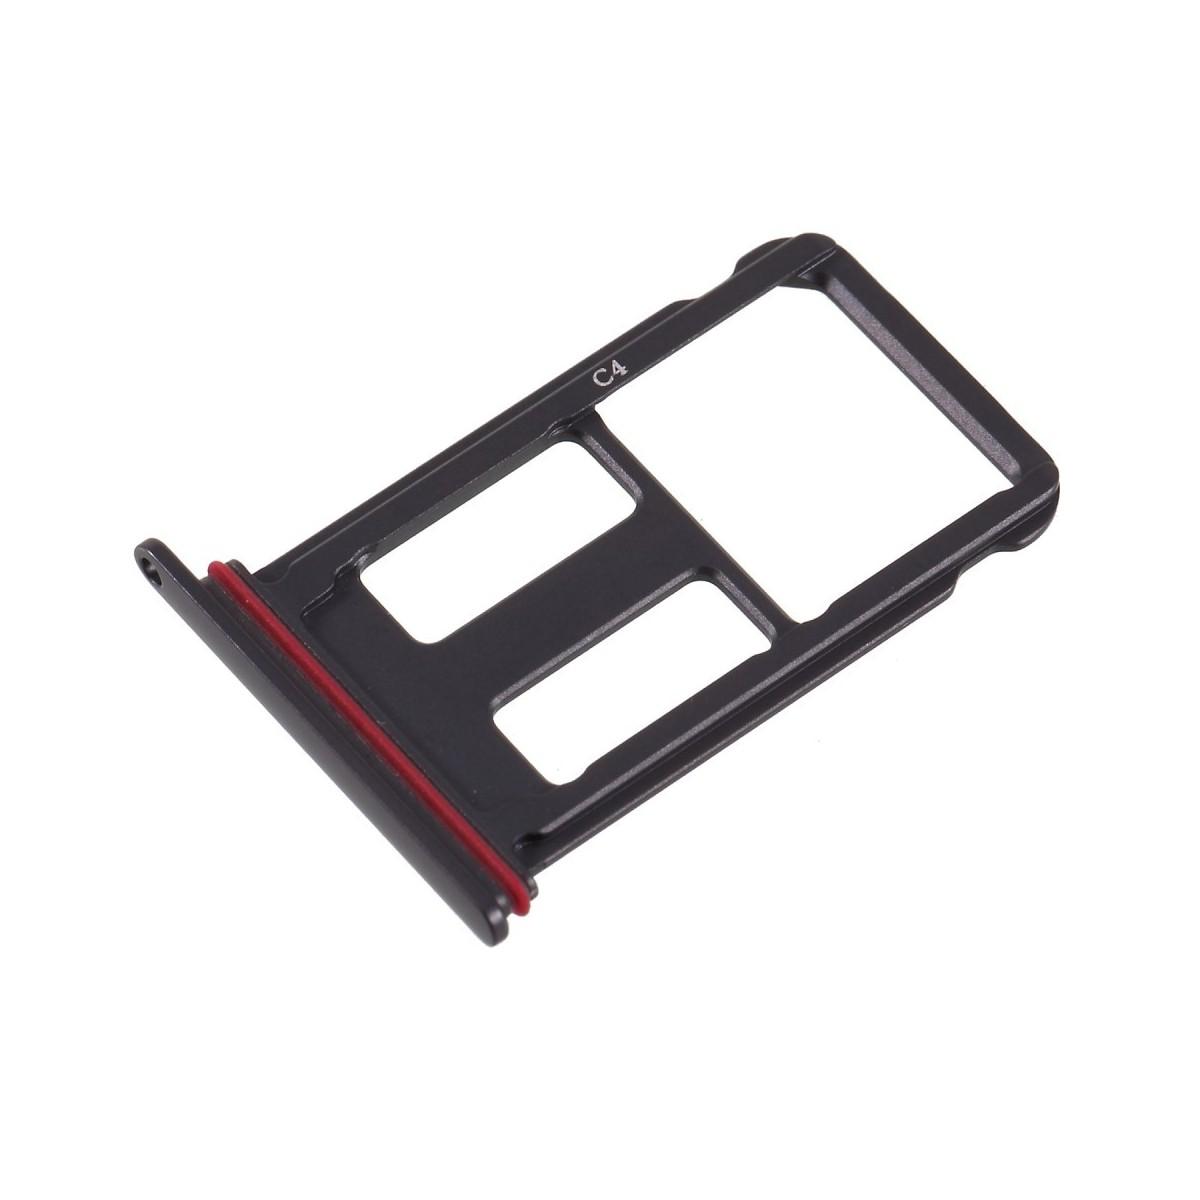 Bandeja Single SIM Huawei Mate 10 Pro negro